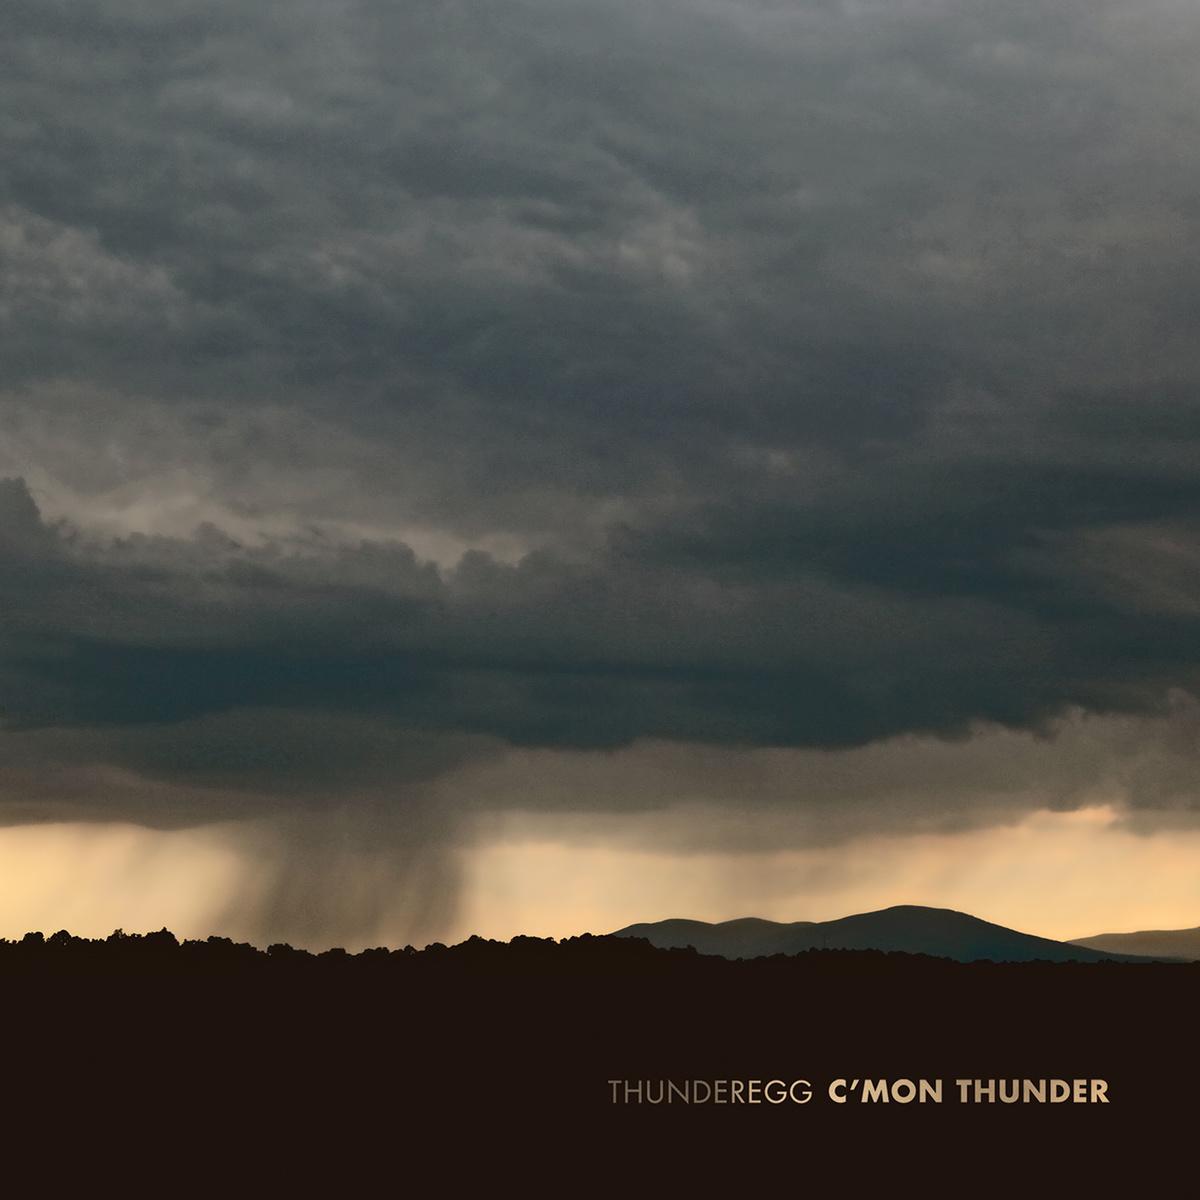 Thunderegg C'Mon Thunder